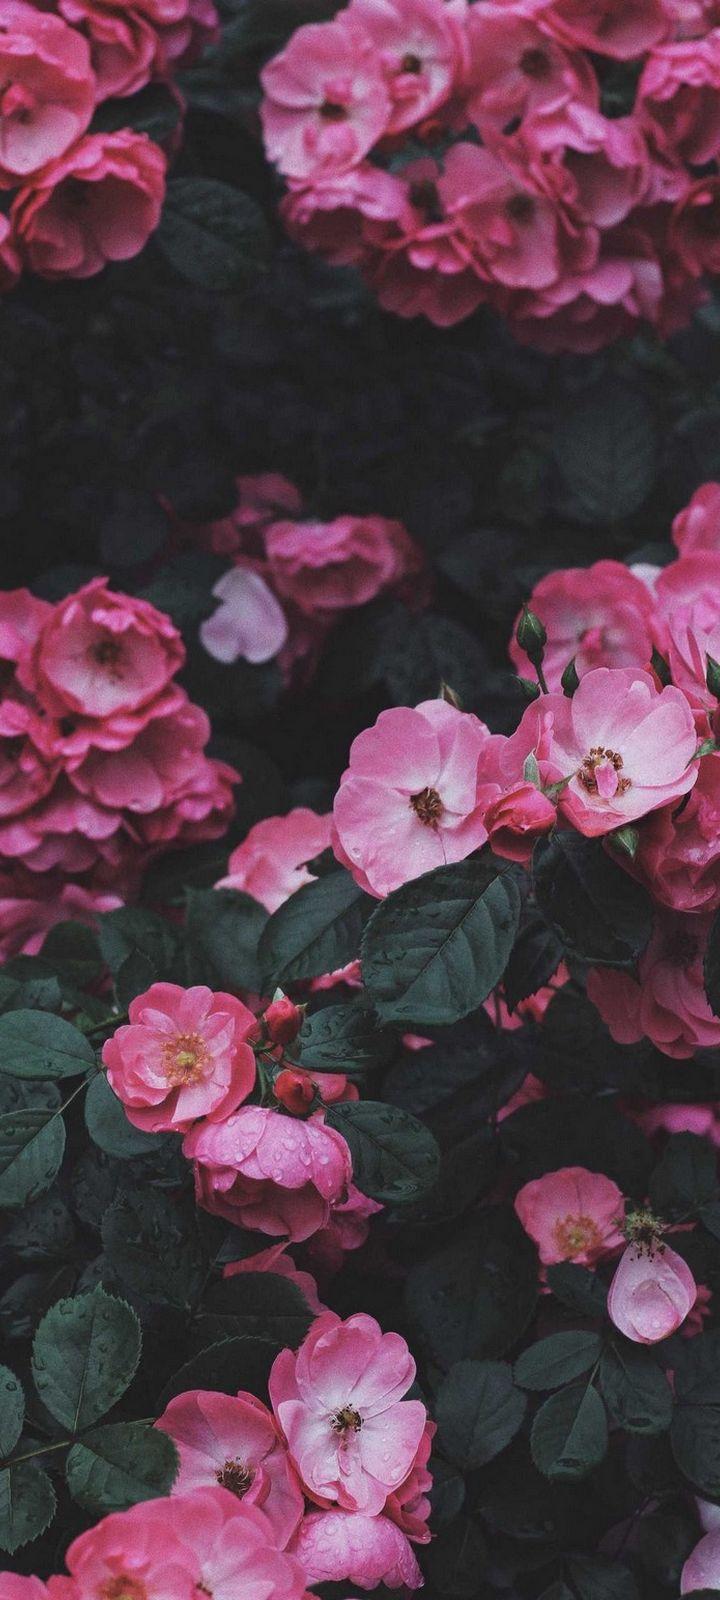 Wild Rose Rose Bush Wallpaper 720x1600